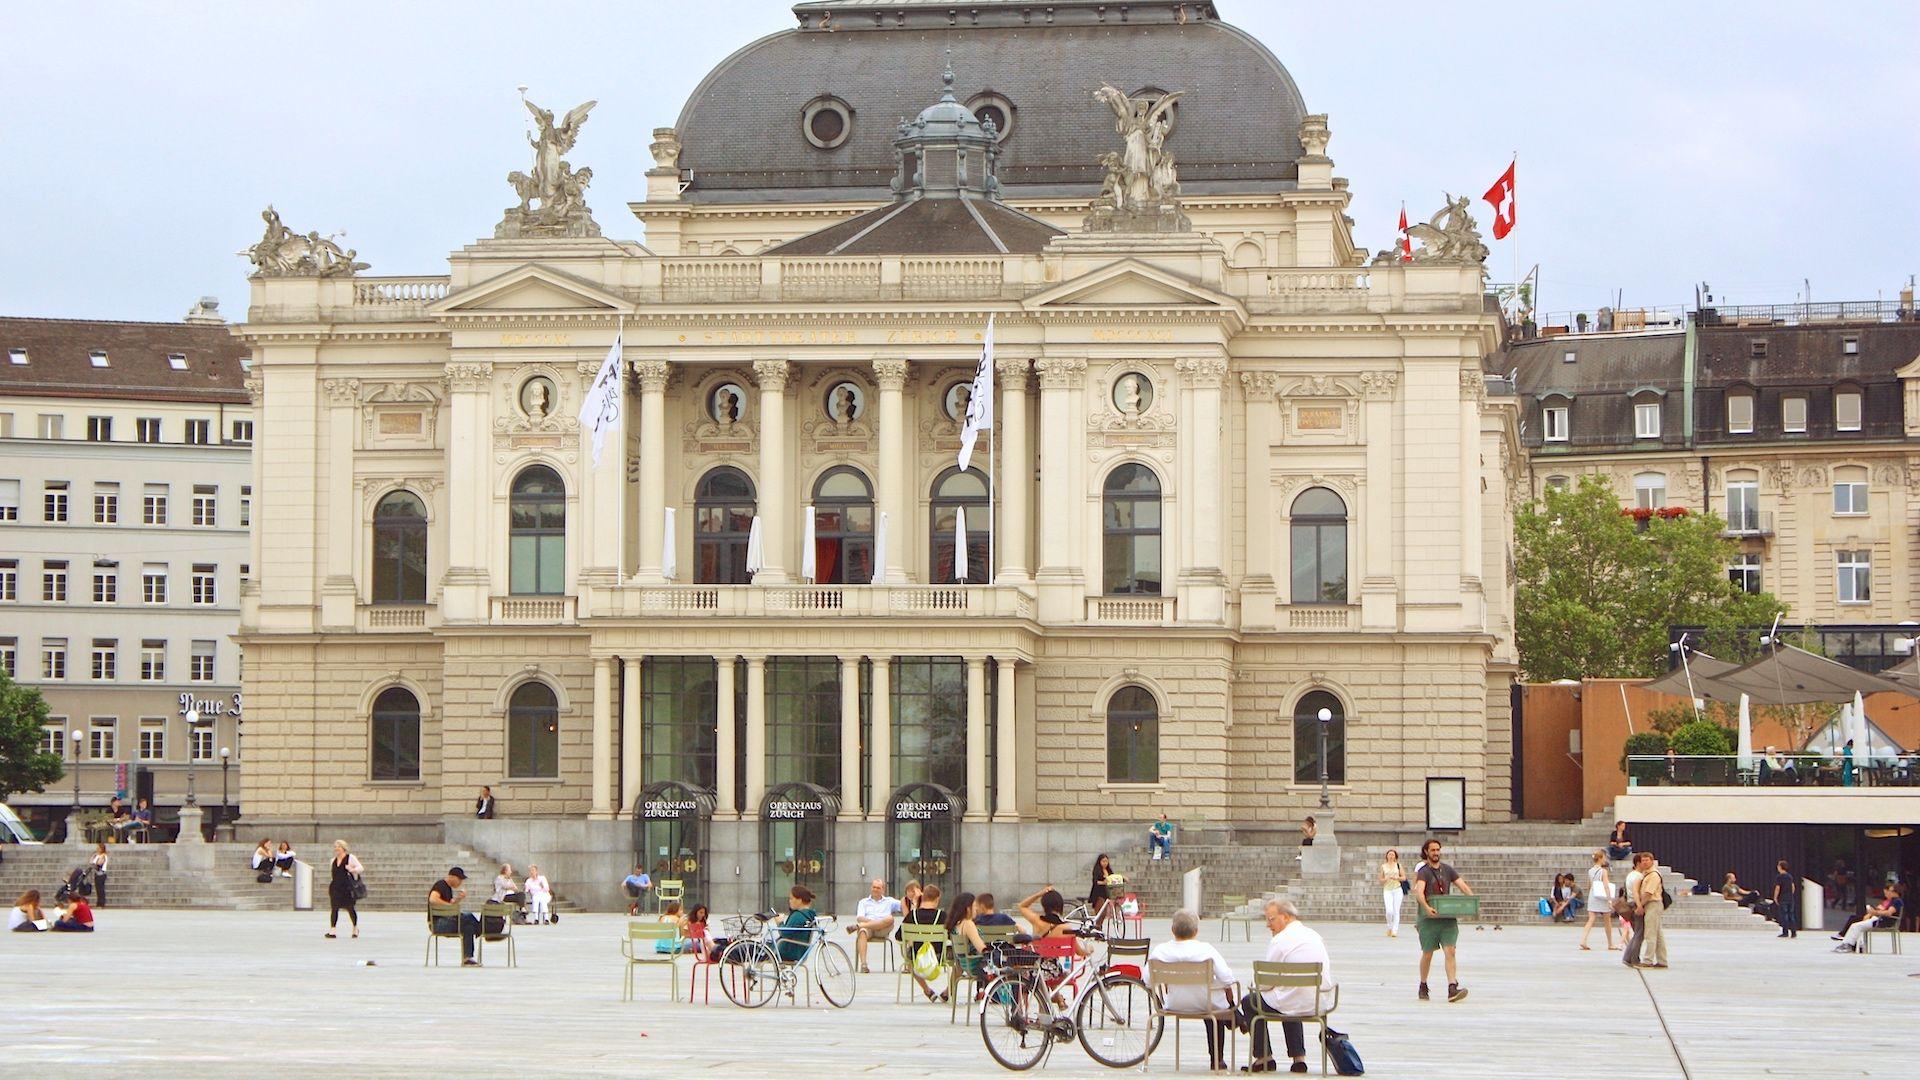 Zúrich - Suiza